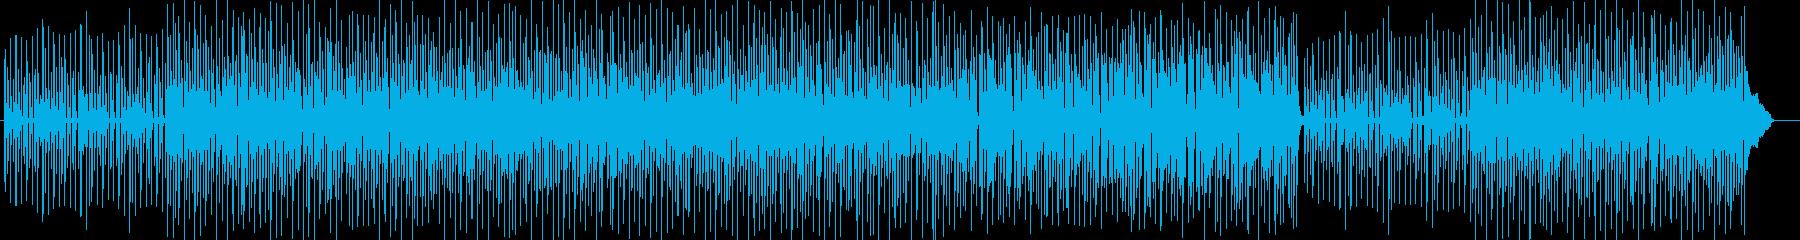 明るく楽しいポップス曲の再生済みの波形